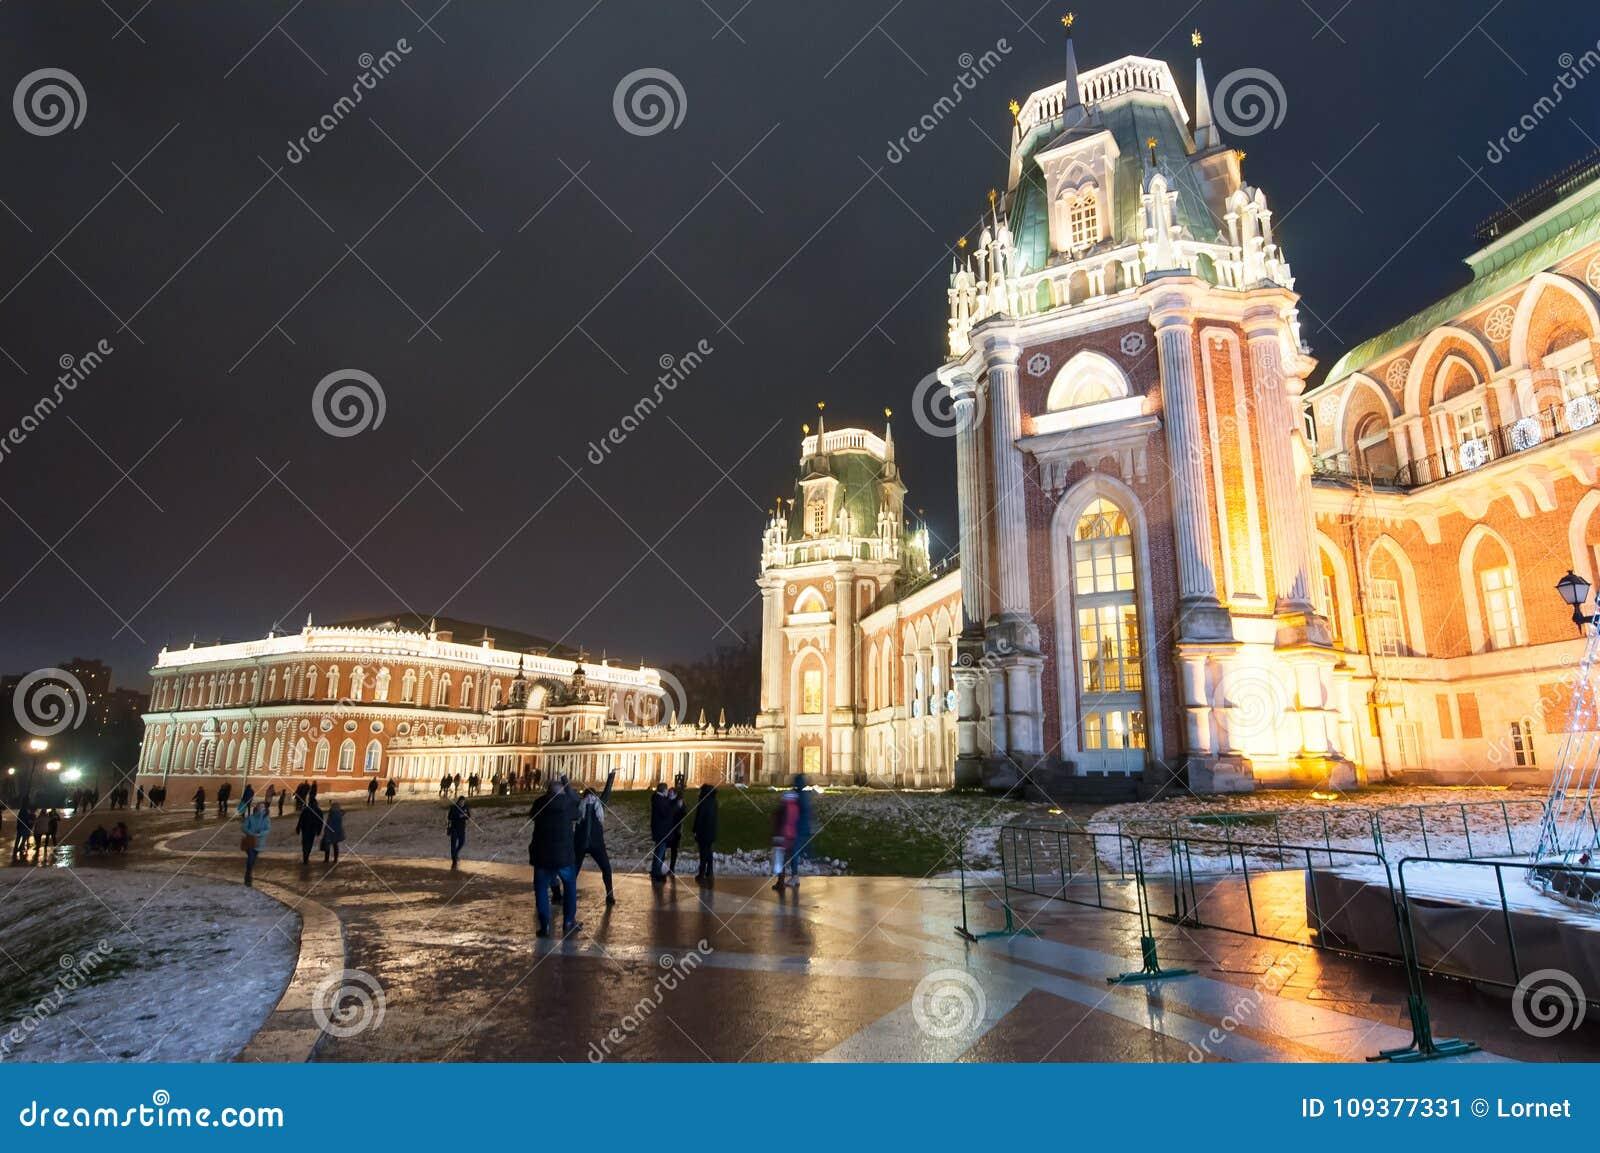 Il grande palazzo nella riserva del museo e del parco di Tsaritsyno durante il Natale il tempo, turisti va fare un giro turistico